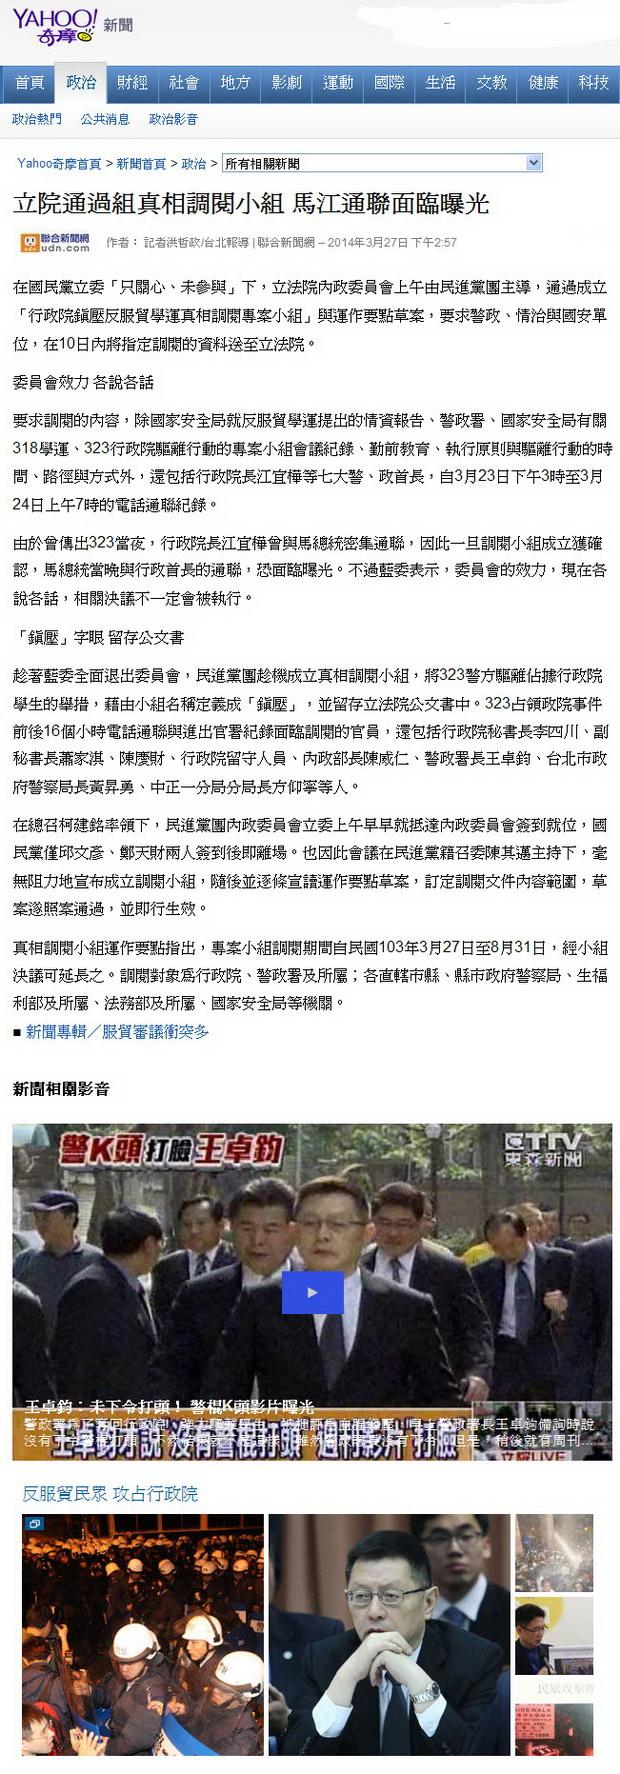 立院通過組真相調閱小組 馬江通聯面臨曝光 --2014.03.27.jpg